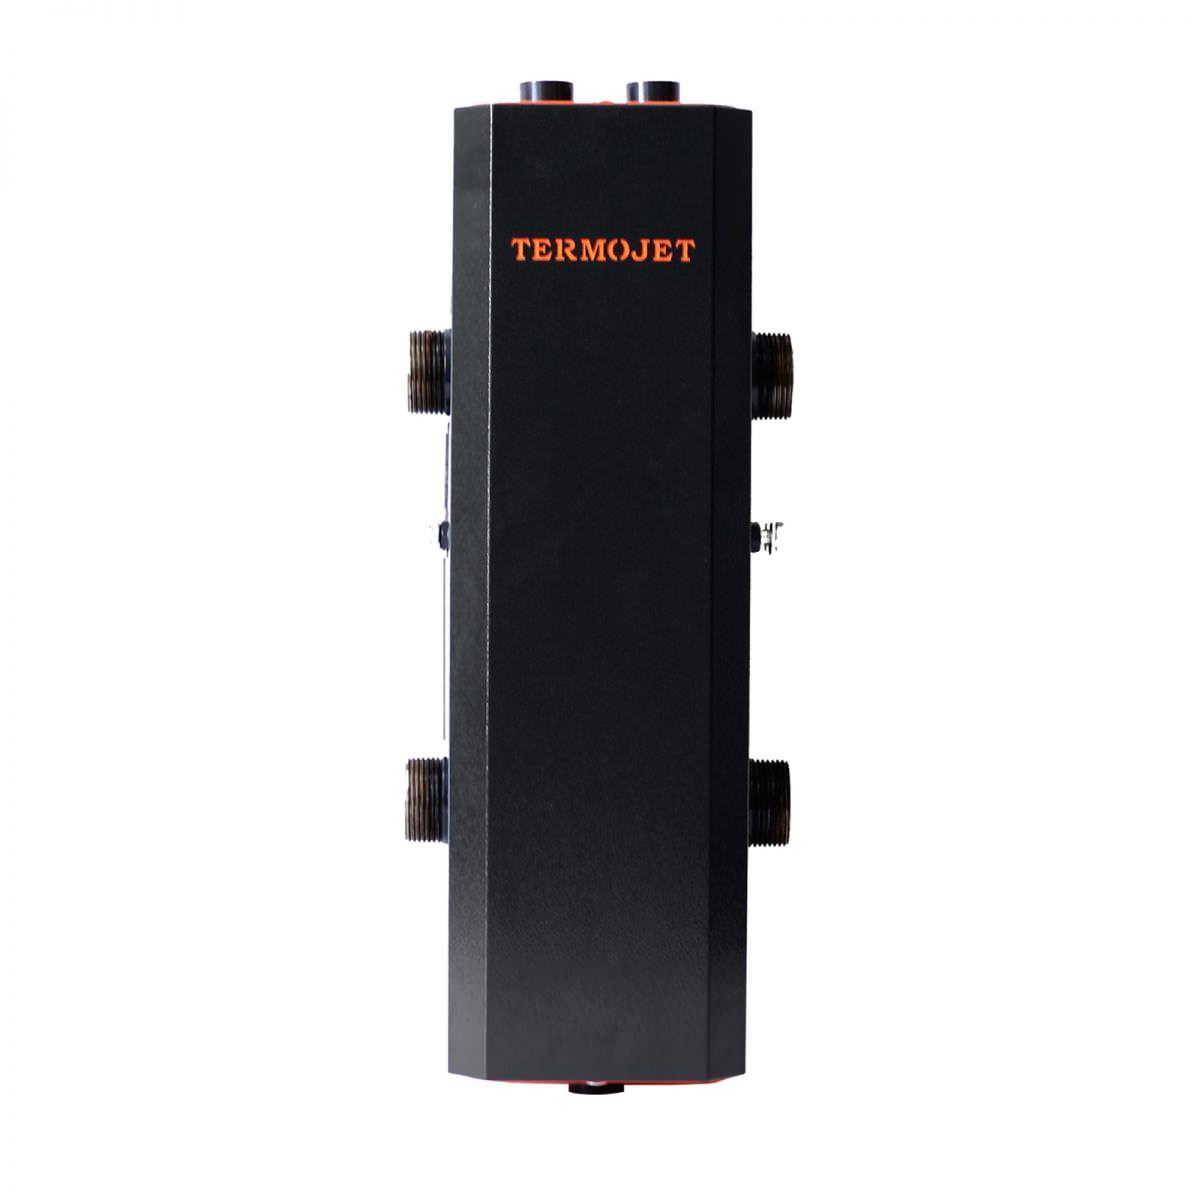 Гідрострілка ГС-27.120.02 (до 138 кВт) з кріпленням (в кожусі) (шт)